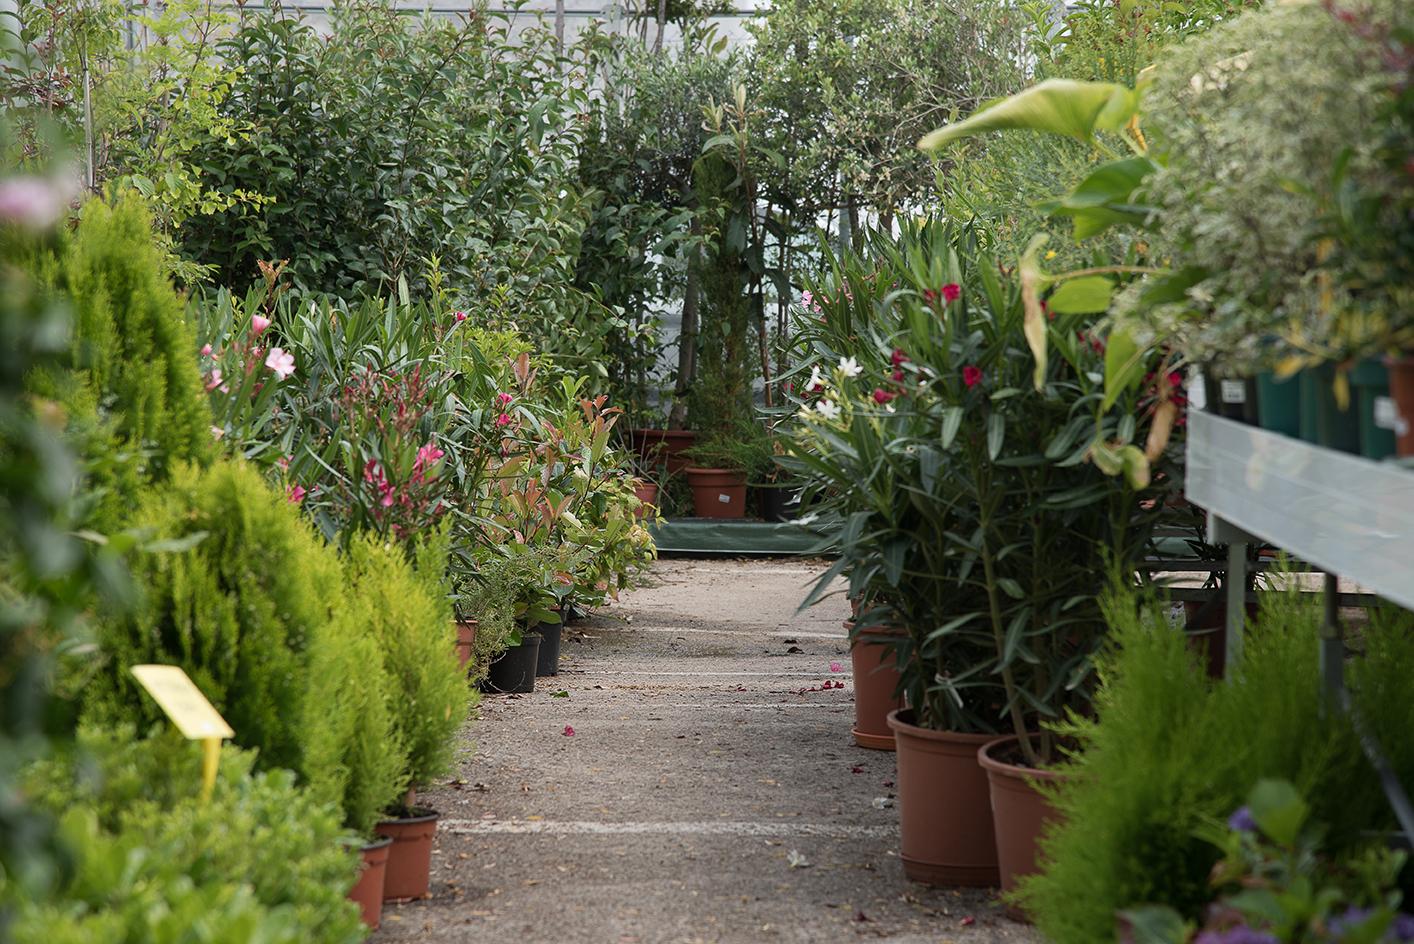 Noticias de jardiner a centro de jardiner a gorbeia for Como aprender jardineria